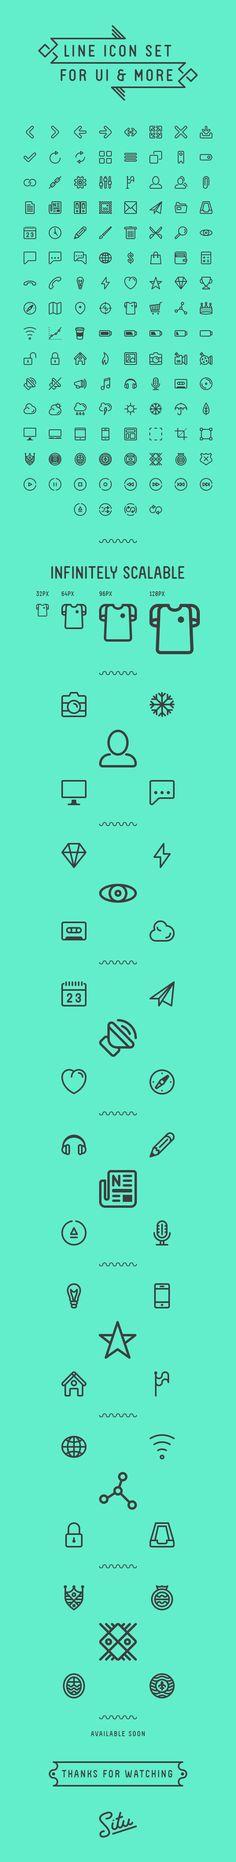 New Icon Trends | Abduzeedo Design Inspiration